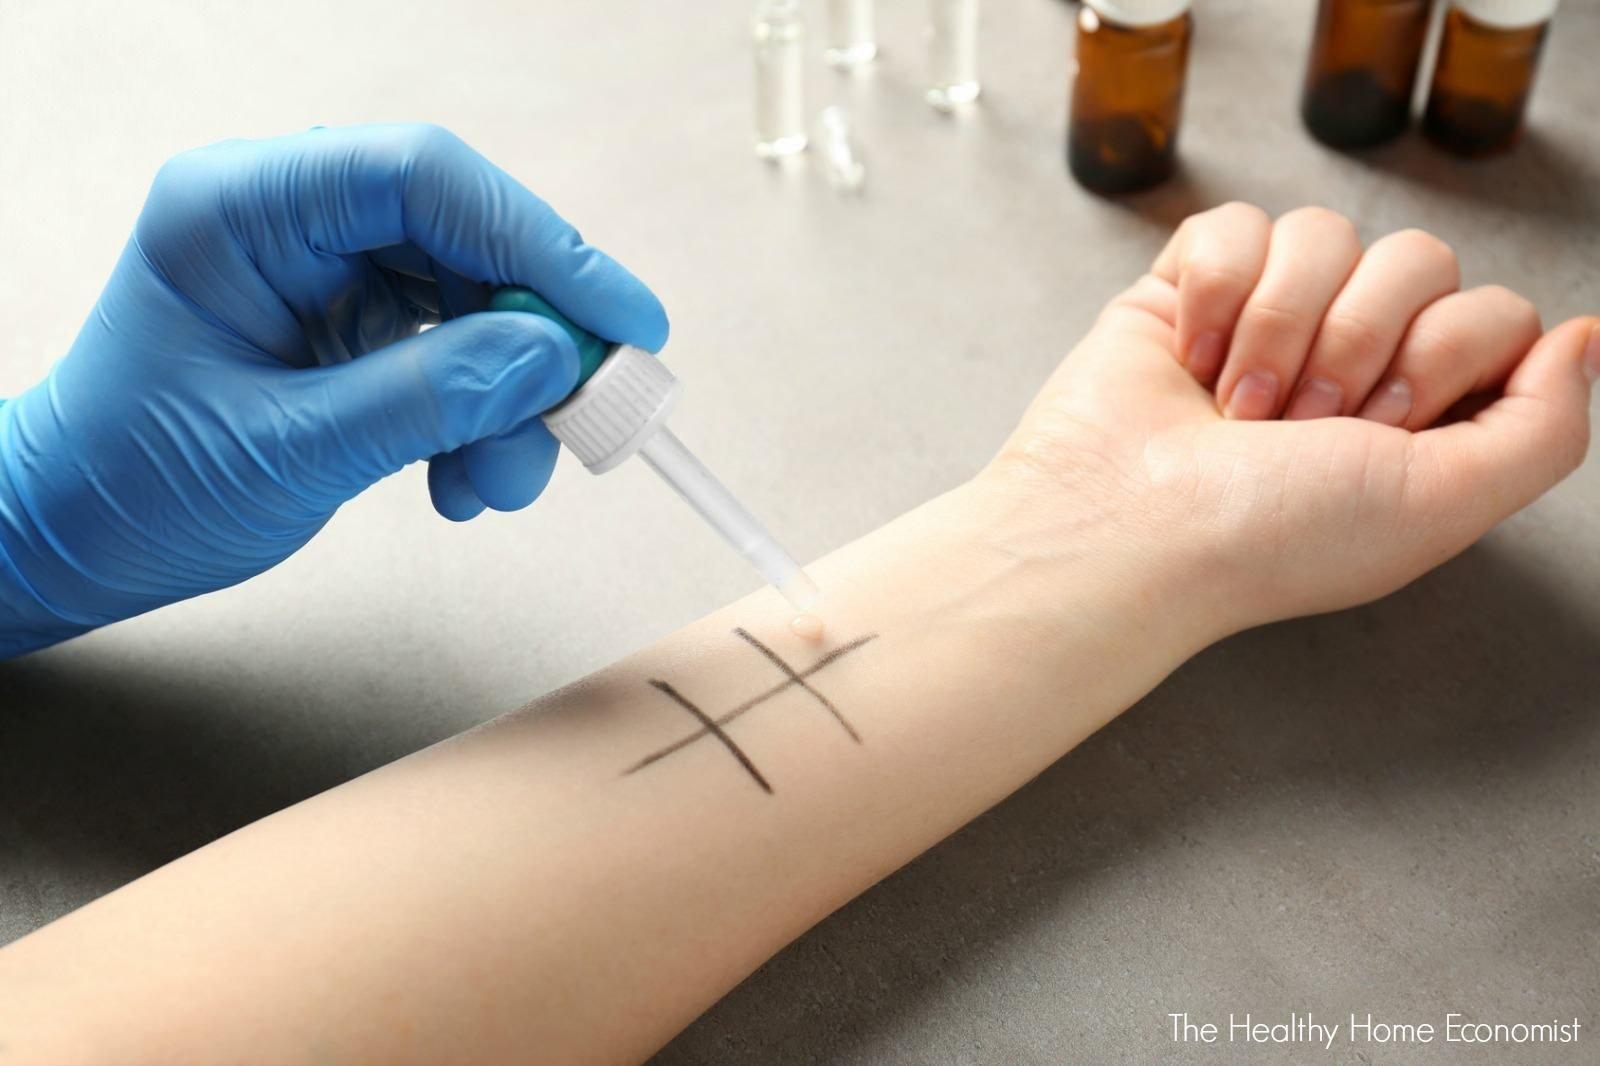 thử trước các sản phẩm chăm sóc da